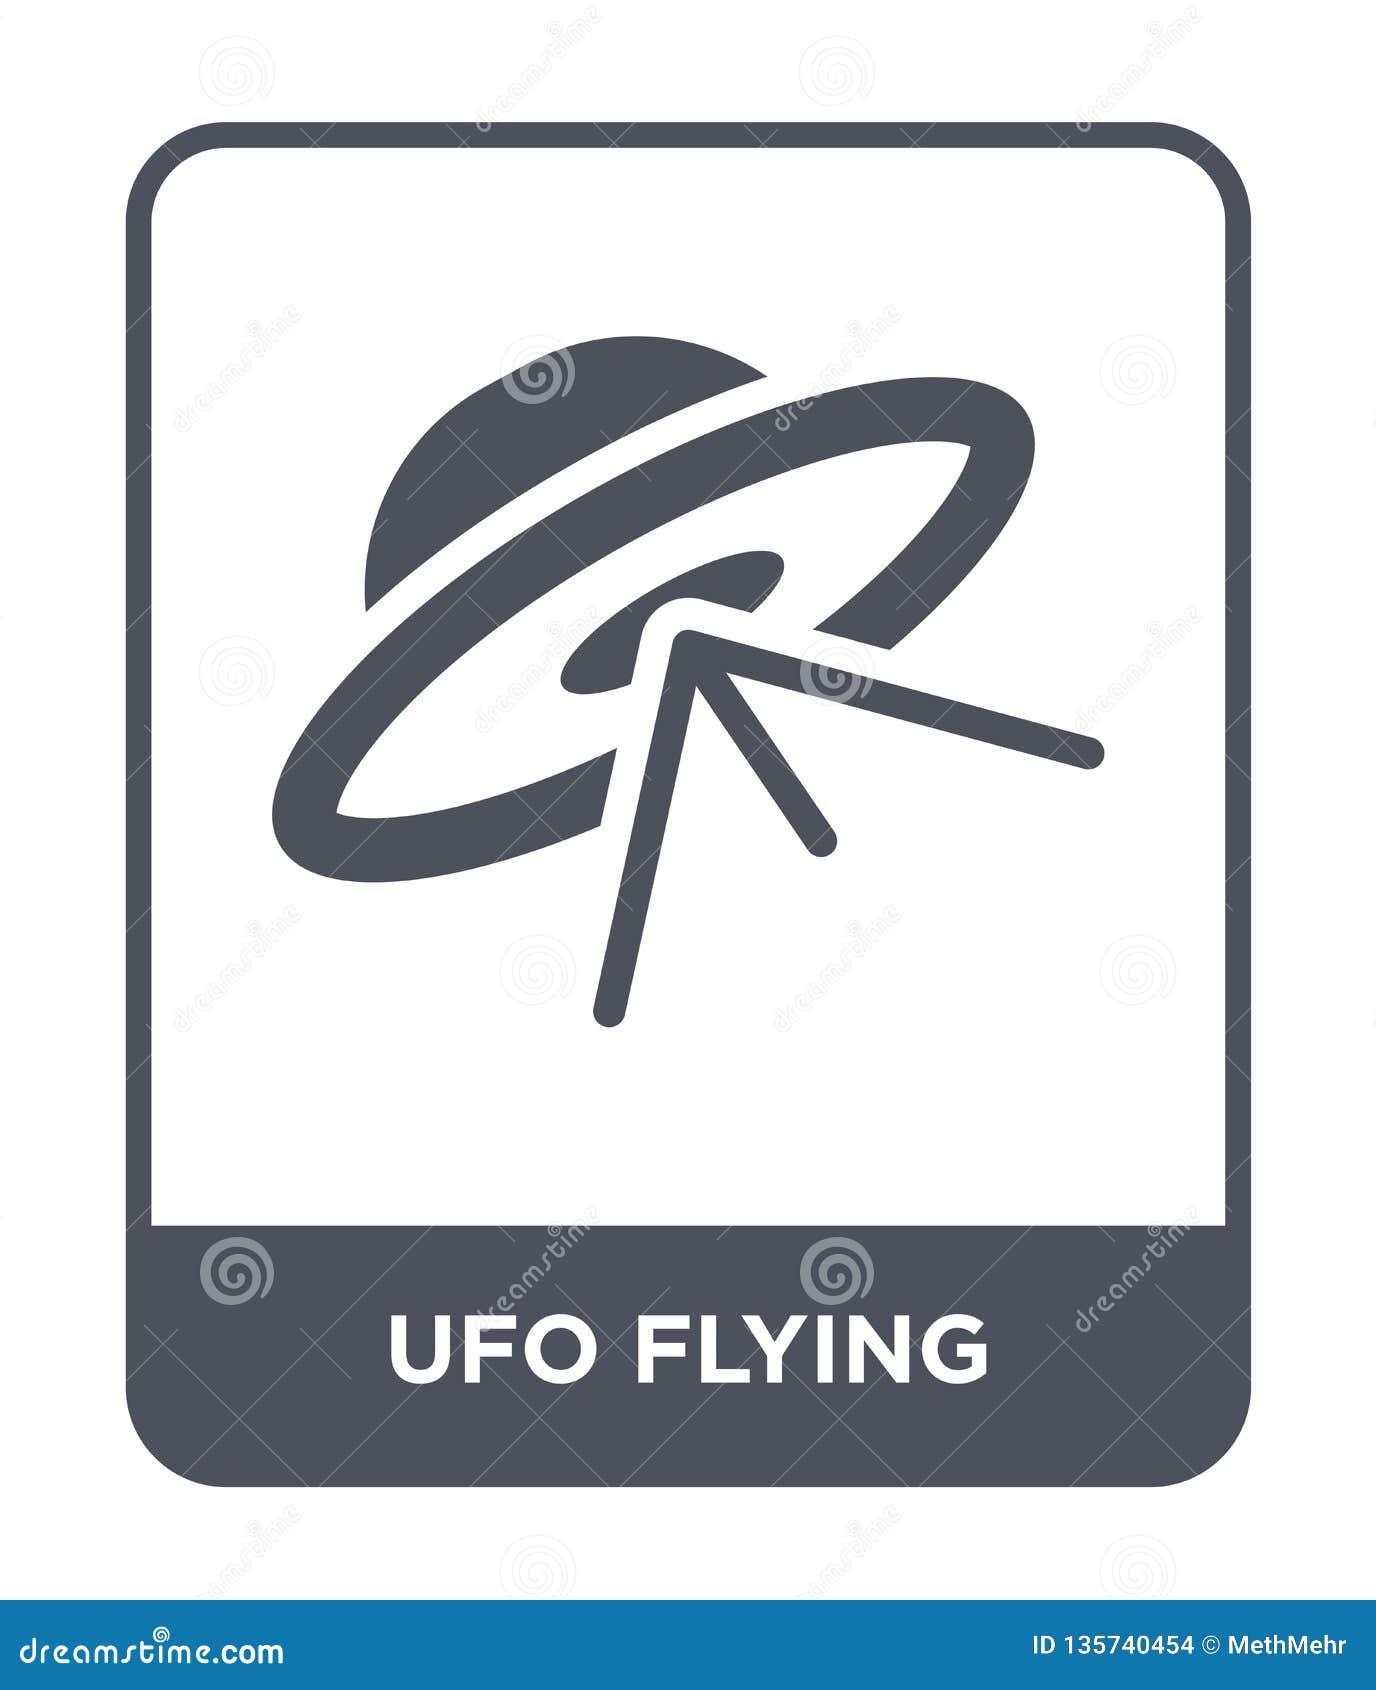 Ufo latająca ikona w modnym projekta stylu ufo latająca ikona odizolowywająca na białym tle ufo latająca wektorowa ikona prosta i